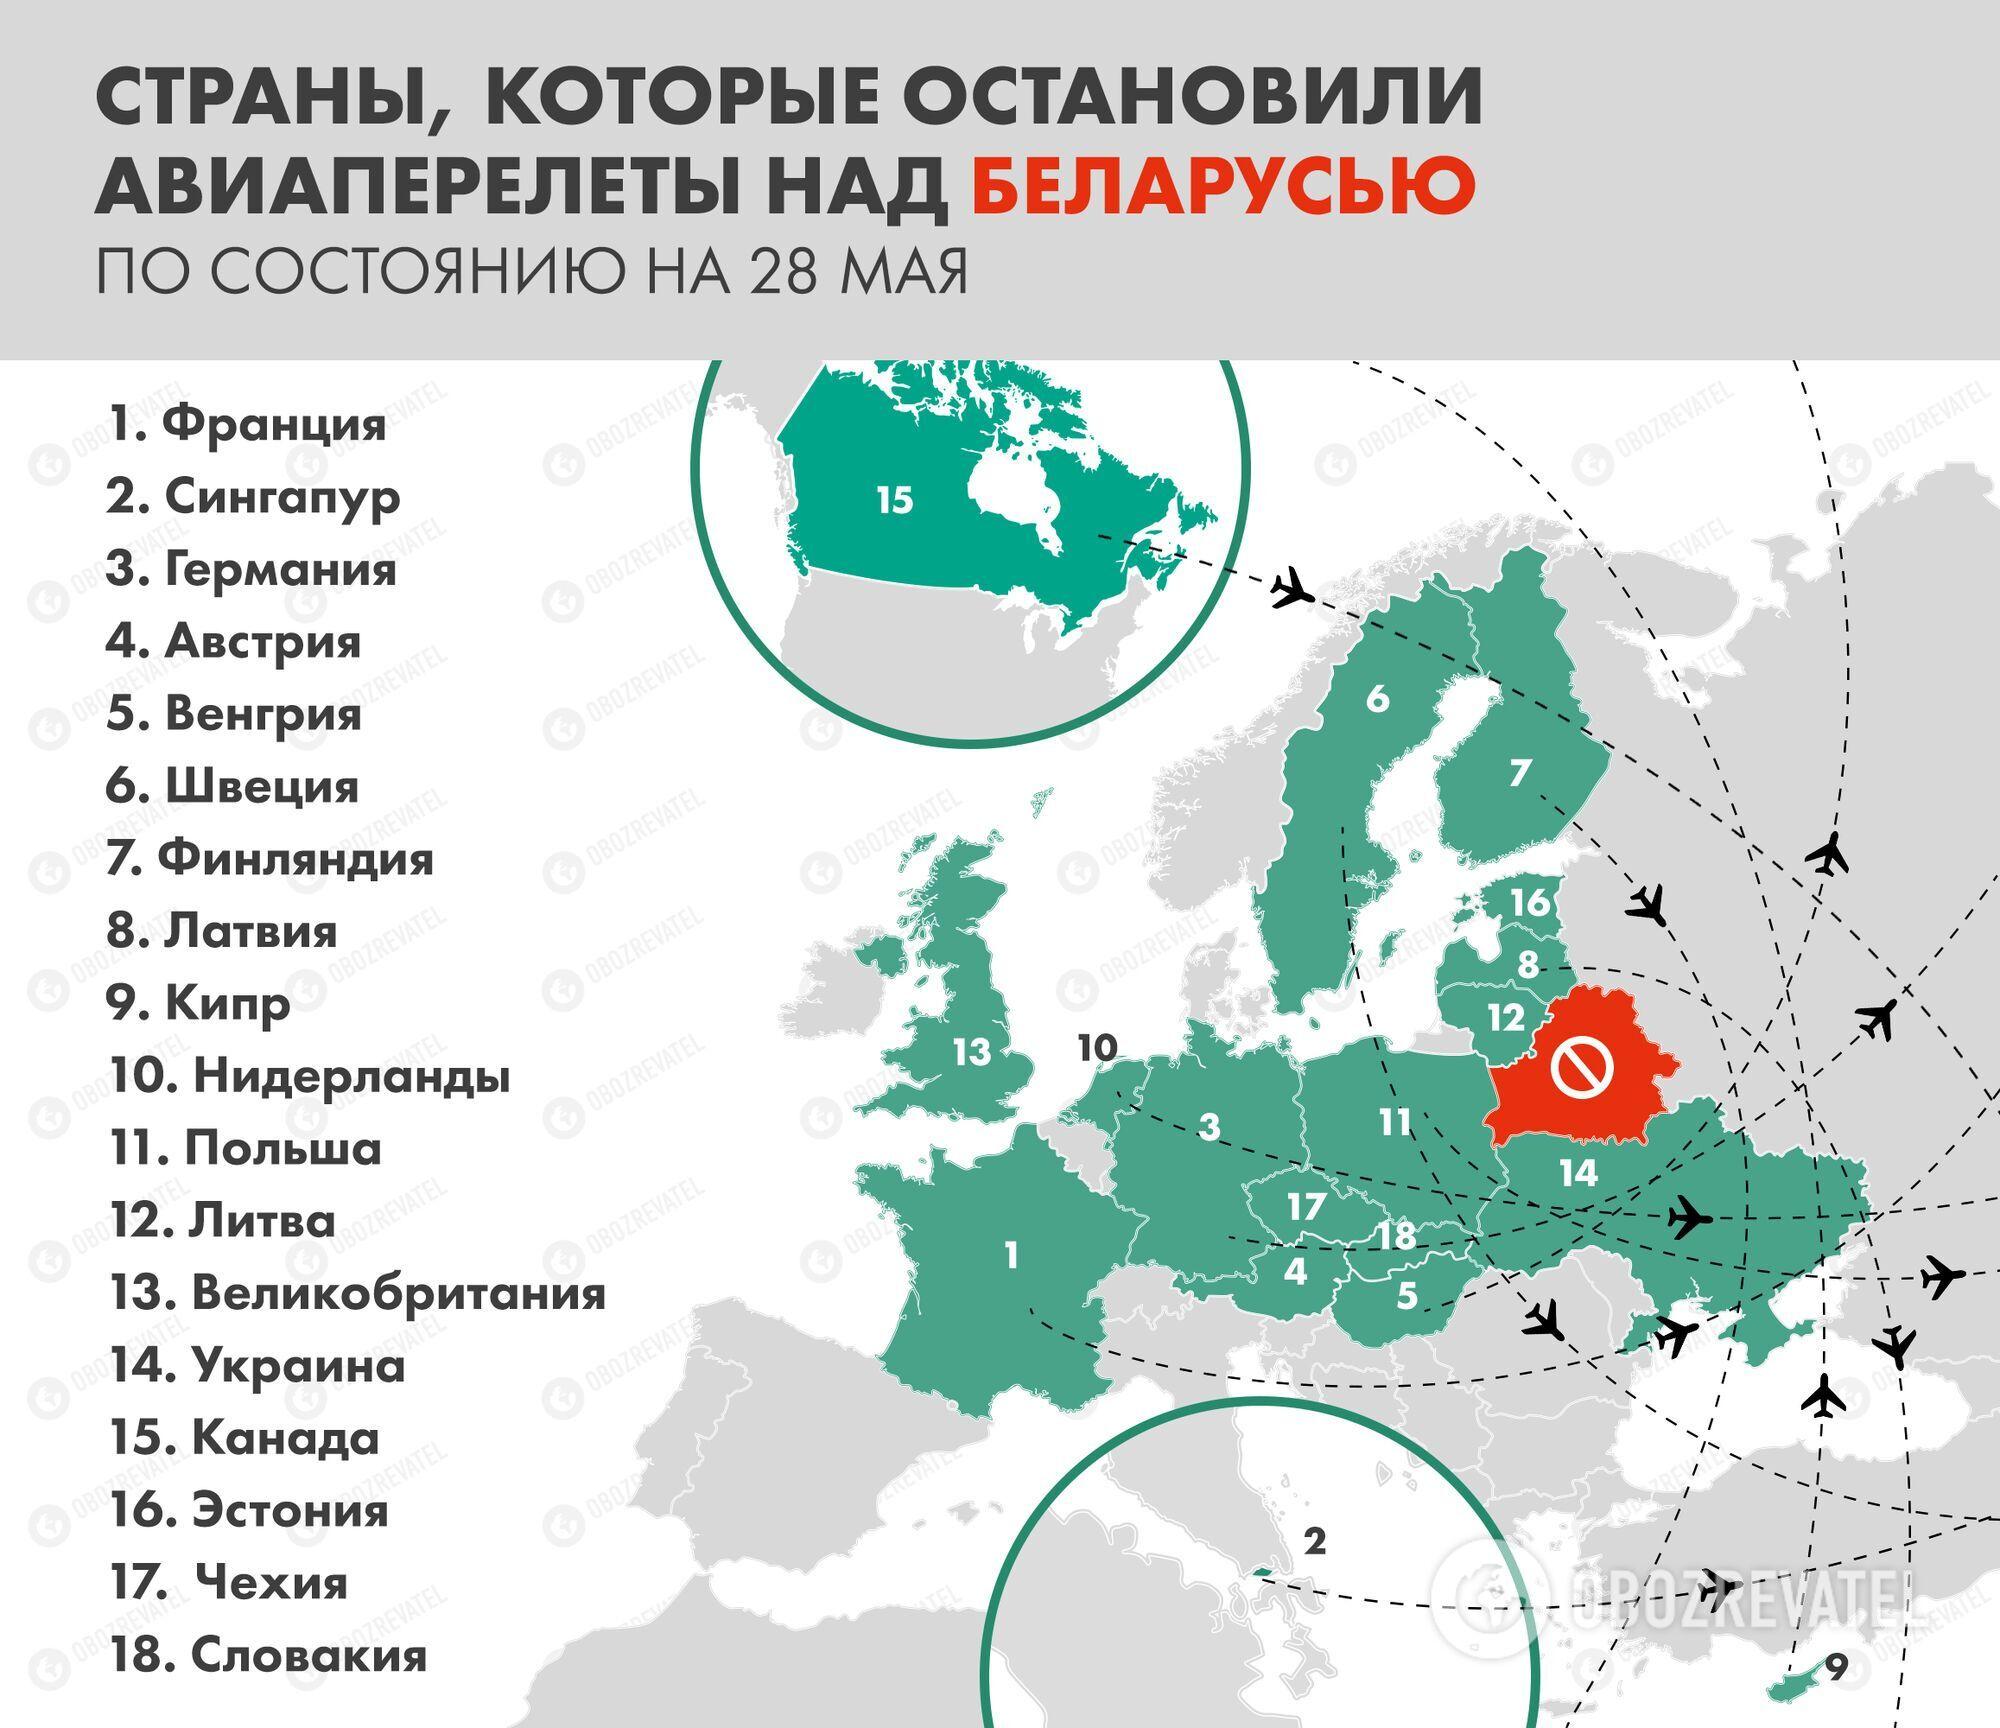 Страны ЕС, Украина, Сингапур и Канада уже прекратили авиасообщение с Минском.